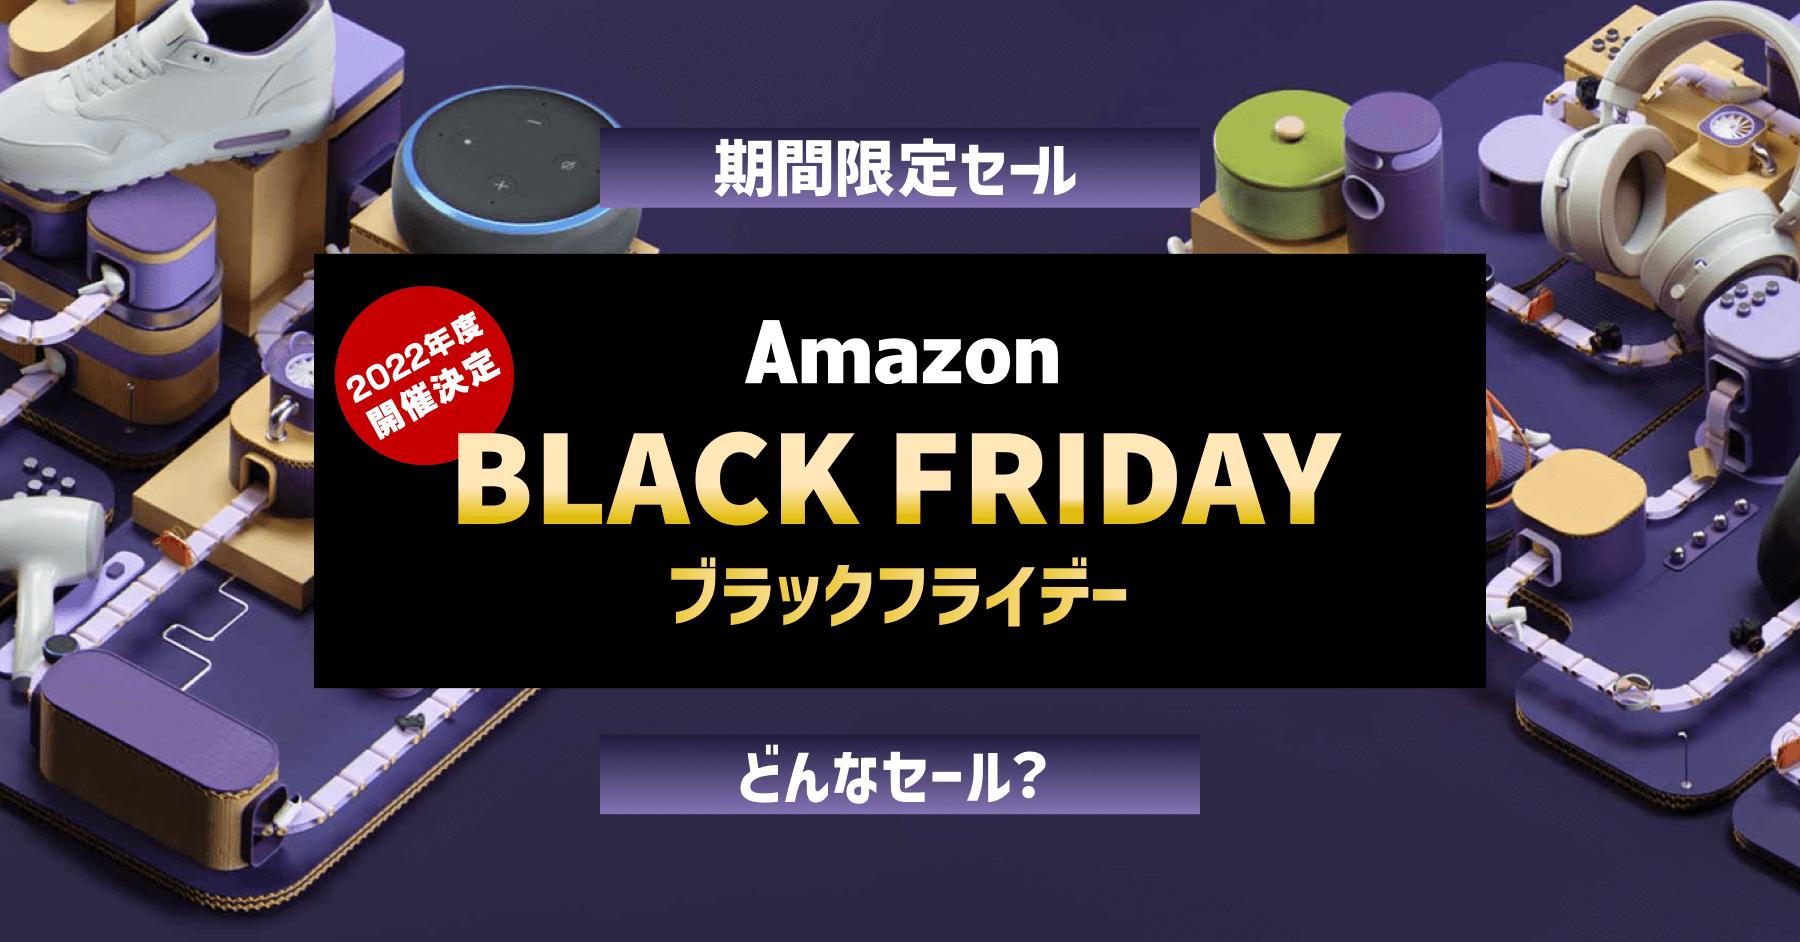 Amazon Black Friday ってどんなセール?